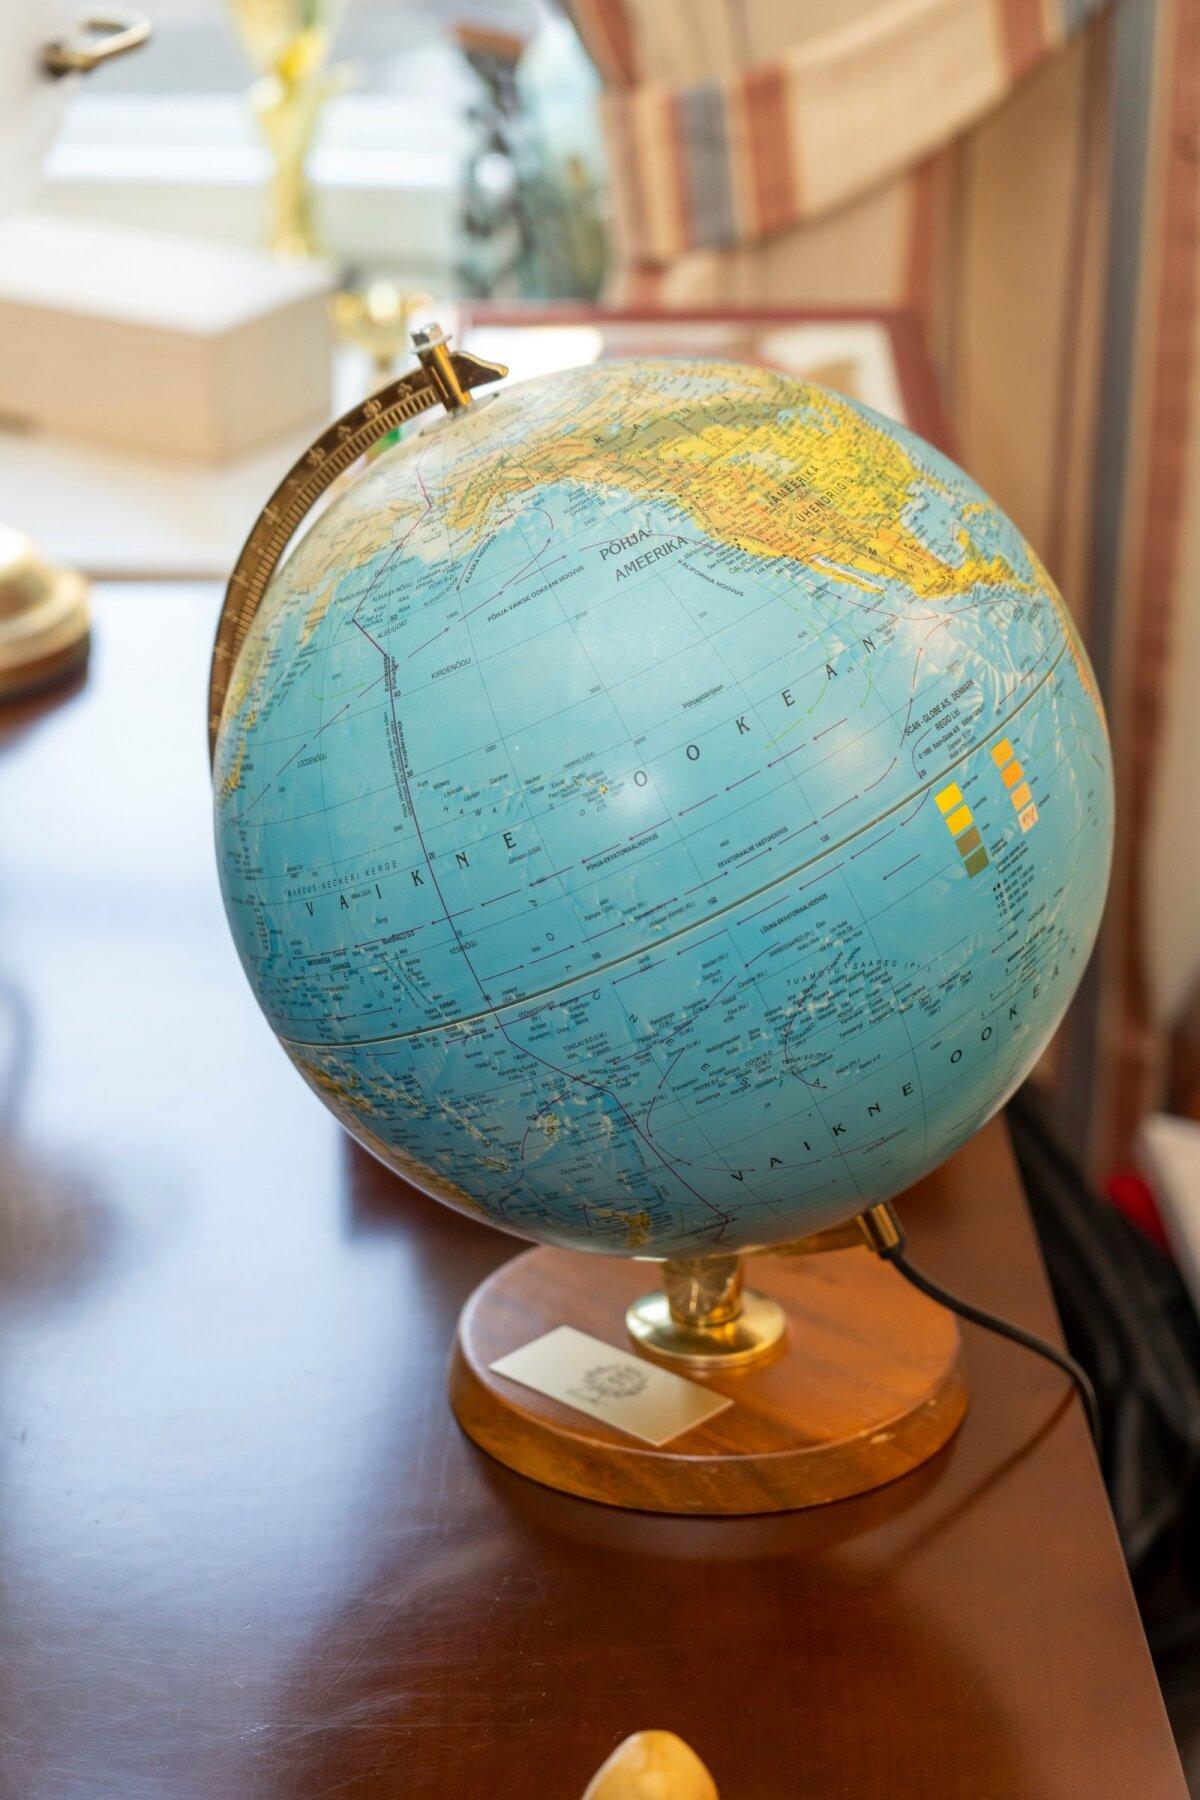 Подарок легендарного президента Райну при уходе из Кадриорга. Райн работал советником Леннарта Мери в 1994-1997 годах.